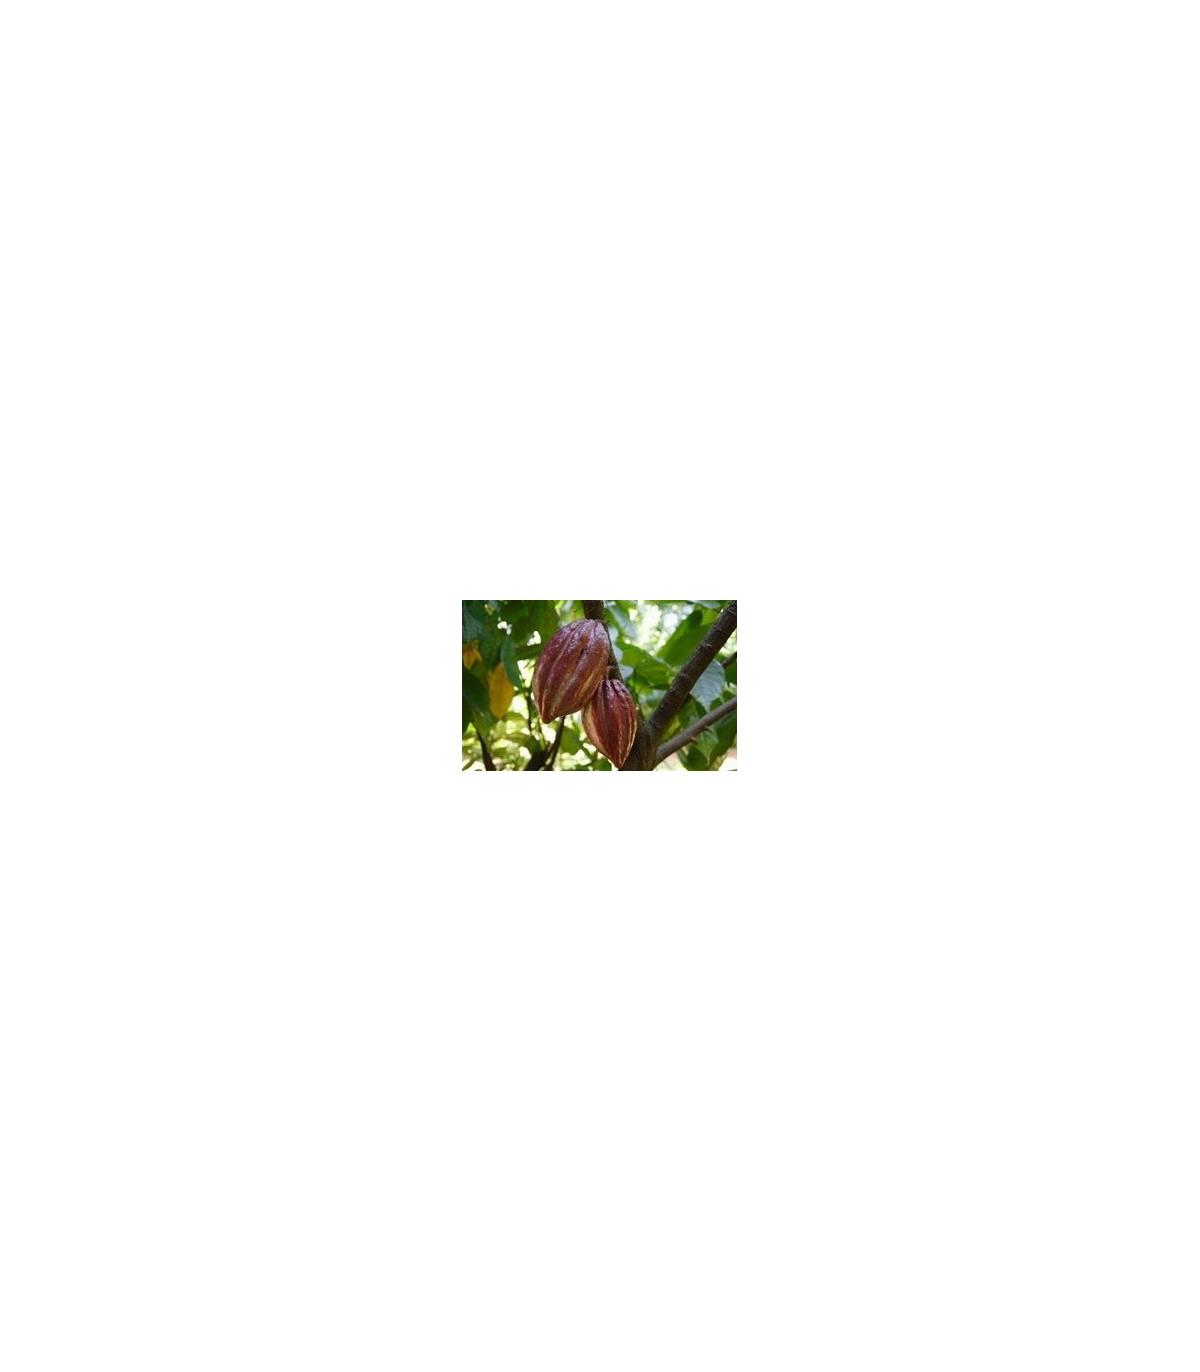 Kakaovník pravý- Theobroma cacao- semená Kakaovníka- 5 ks